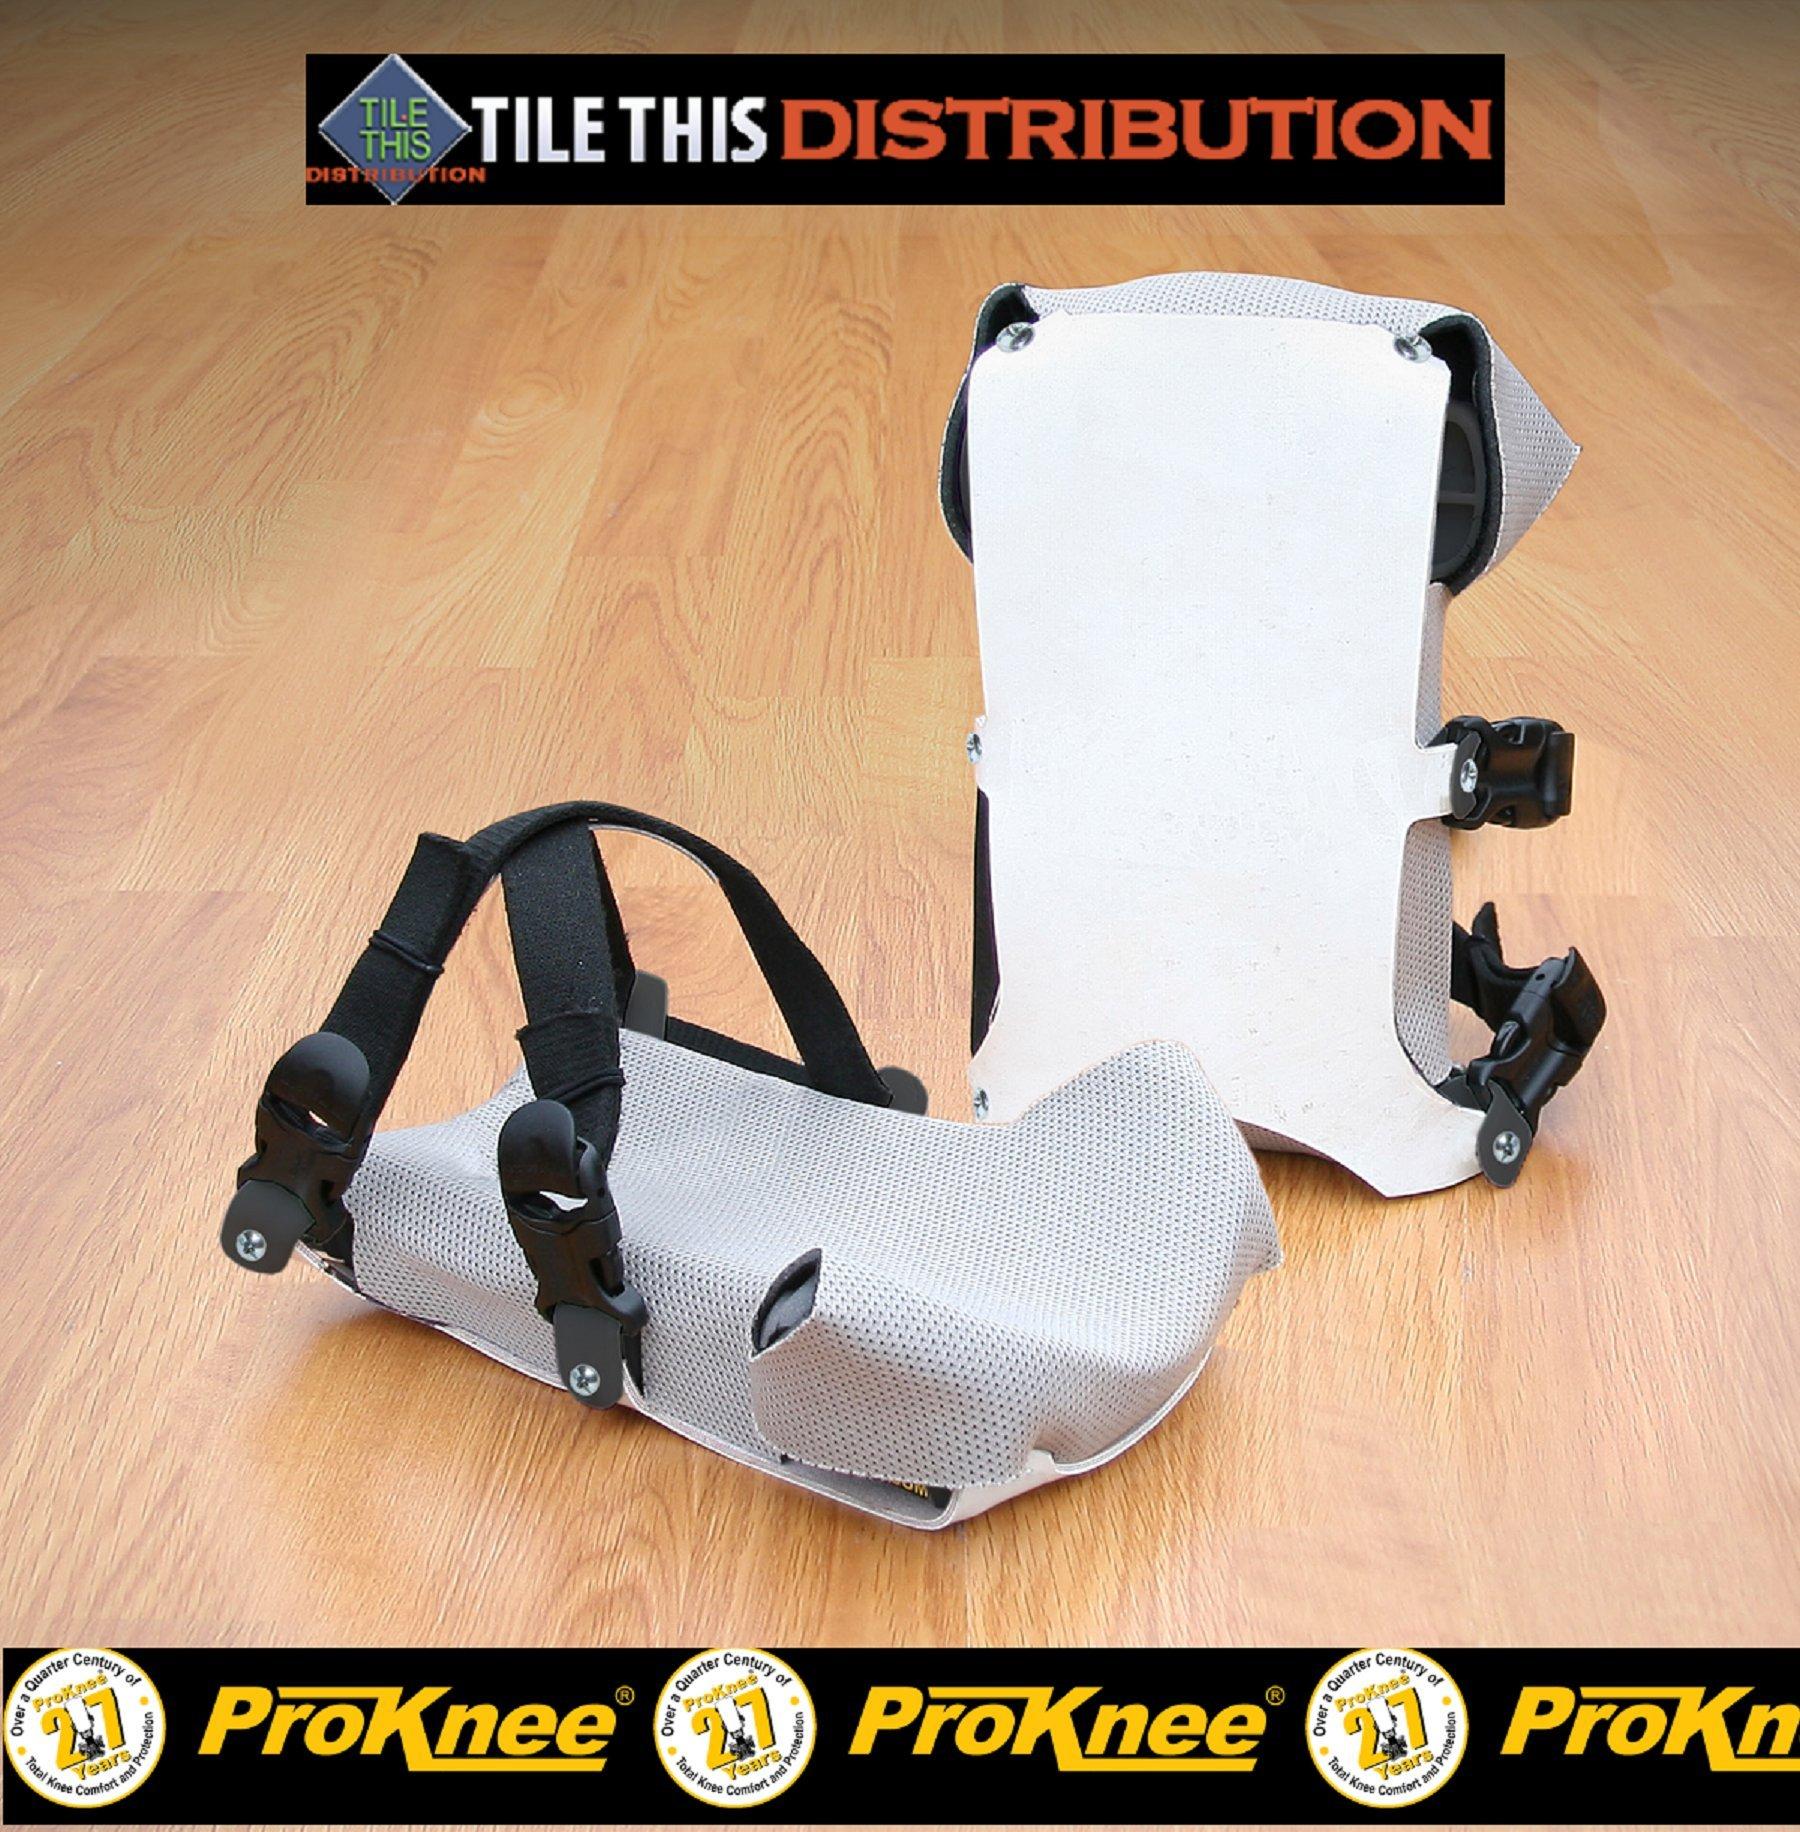 ProKnee AP16 Kneepads 1'' Foam by ProKnee